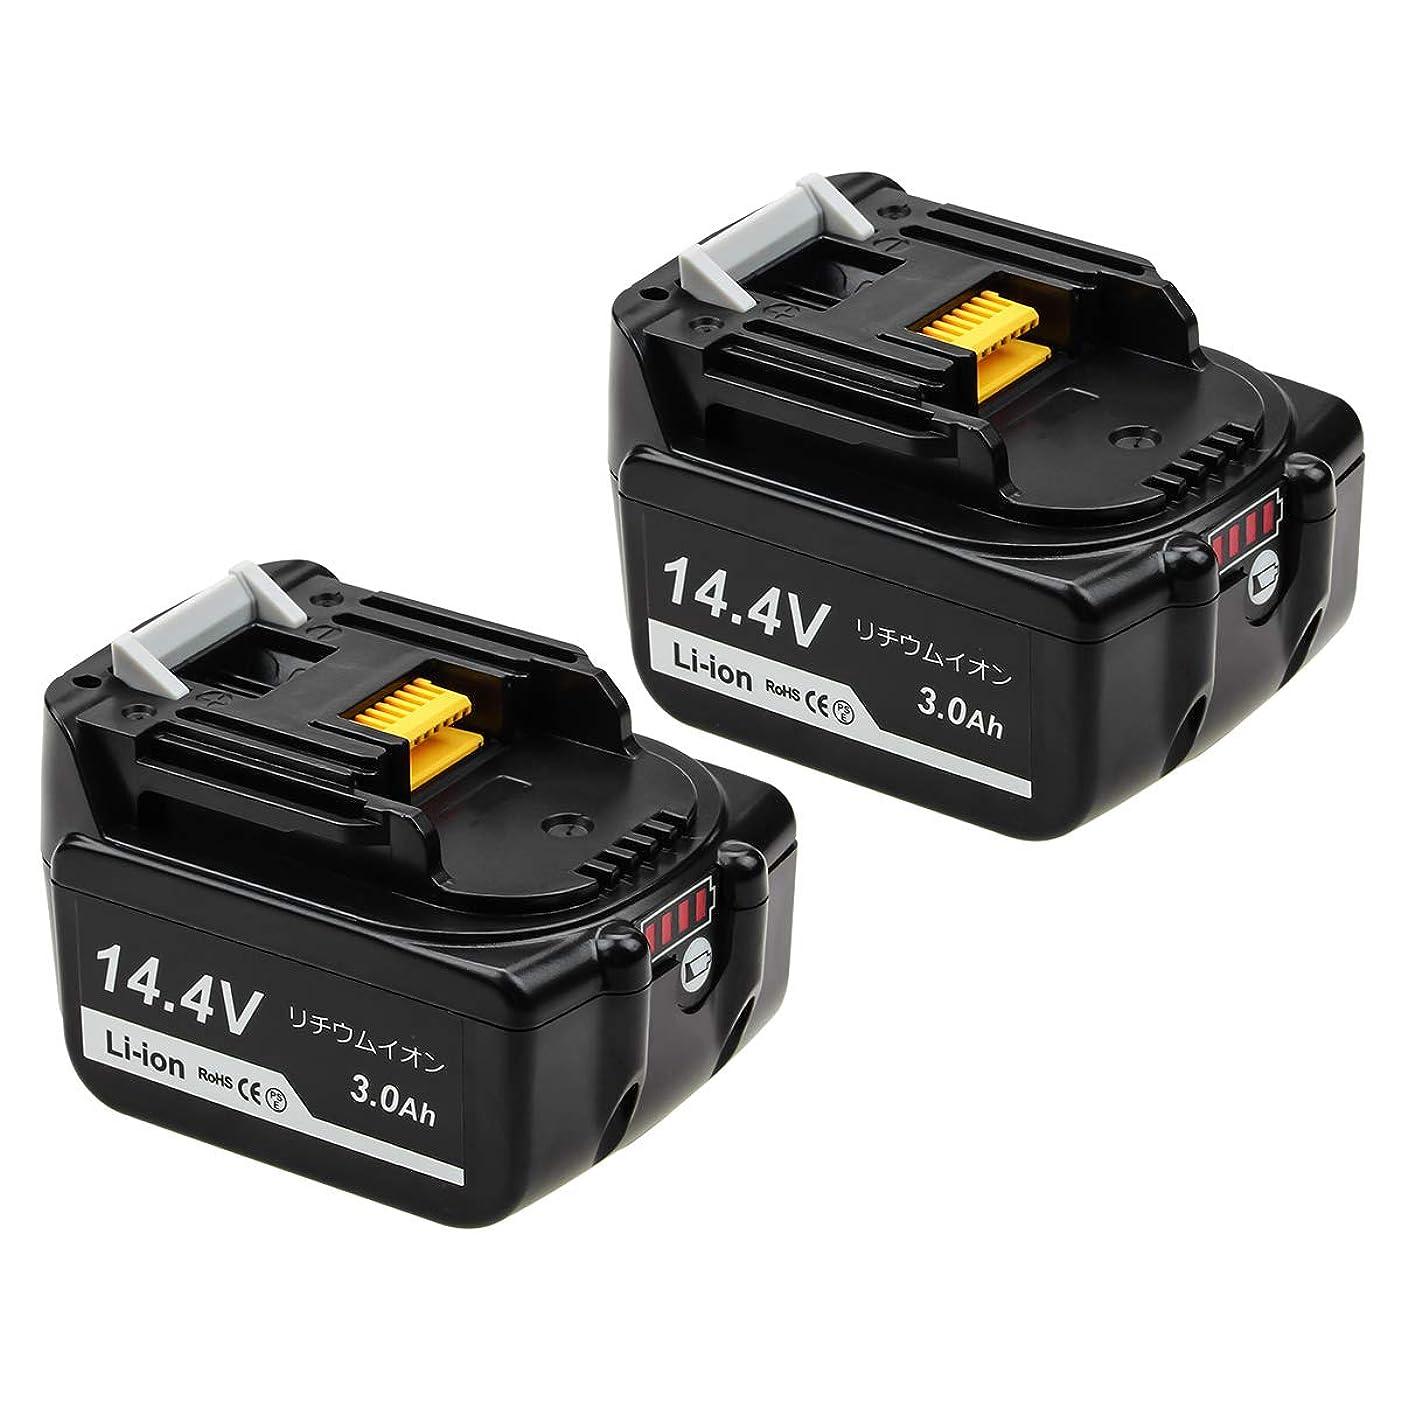 補正クリアインタフェースマキタ 互換バッテリー  bl1430bマキタ14.4V バッテリー   3.0Ah  LED残量表示 マキタBL1440 BL1450 BL1460対応   残量表示付き リチウムイオン電池 大容量 一年保証 2個セット OKEY